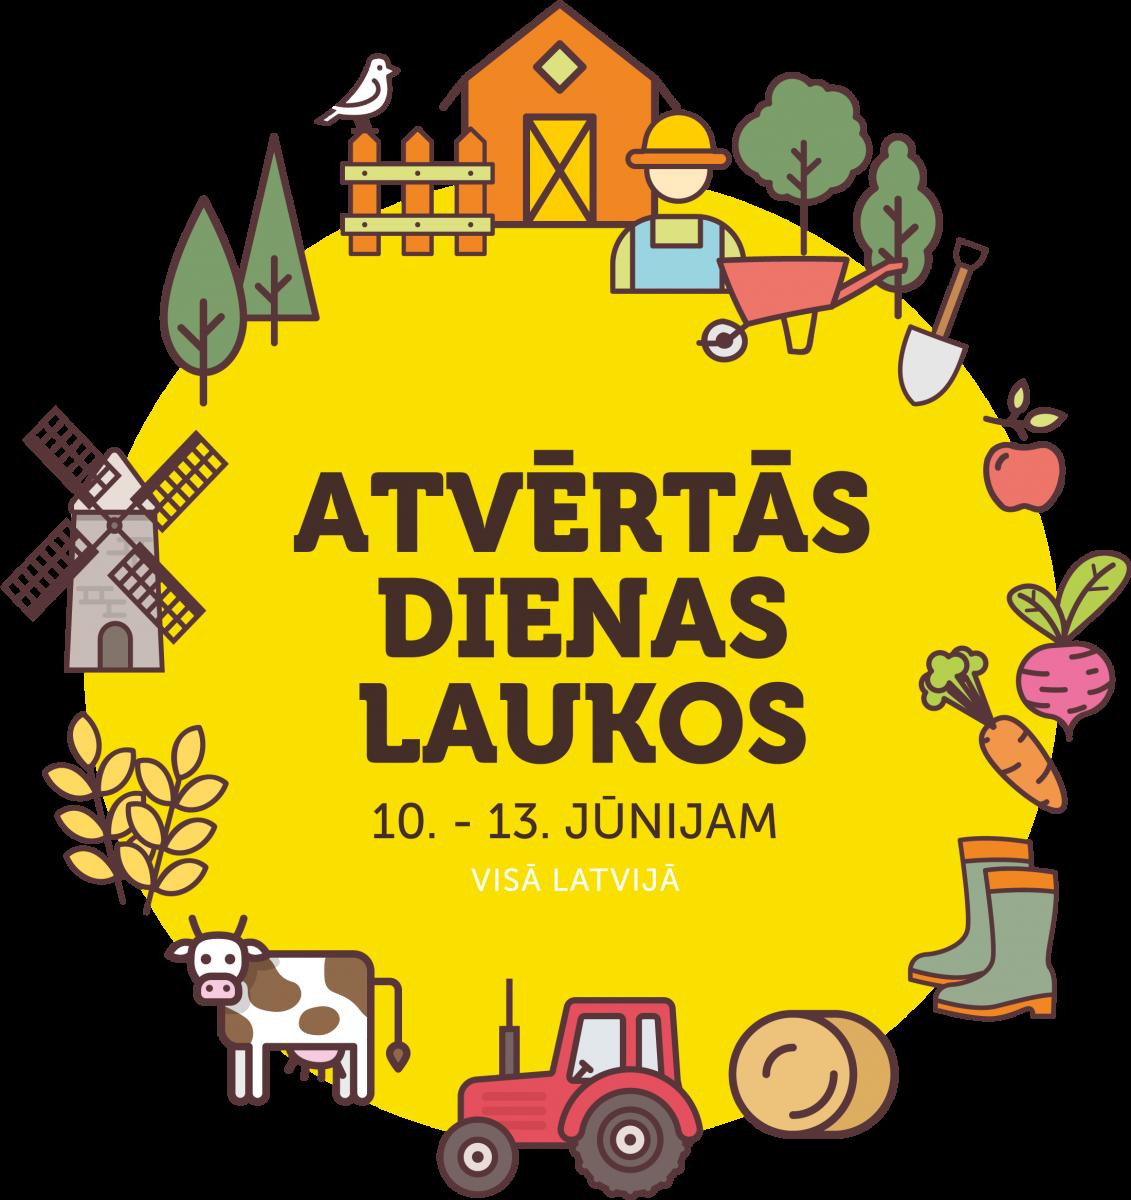 Atvērtās dienas laukos 2021 logo - Ogres novadā